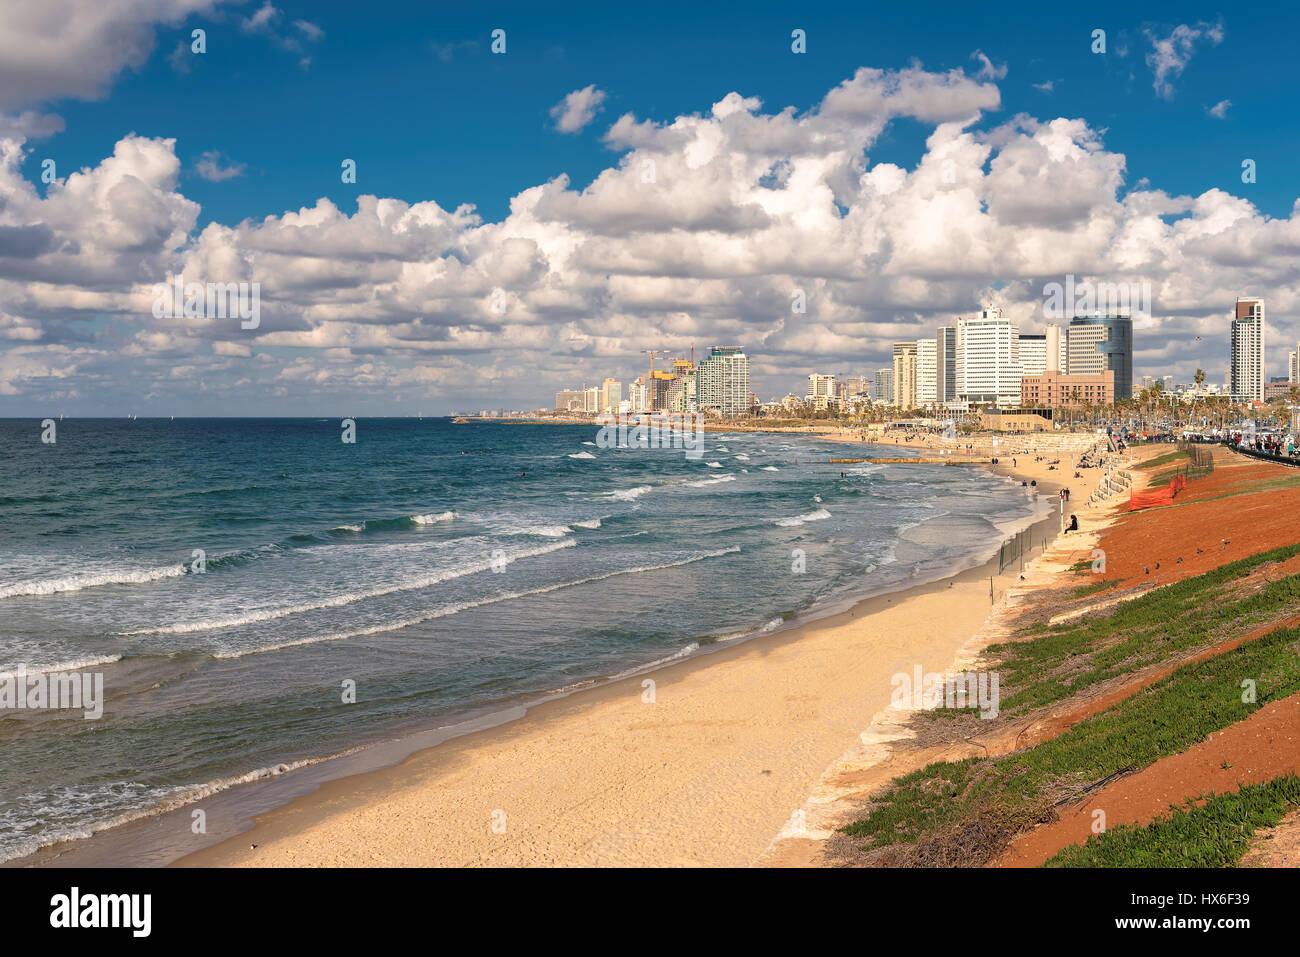 Tel Aviv costa con vistas del mar Mediterráneo y rascacielos, Israel. Imagen De Stock